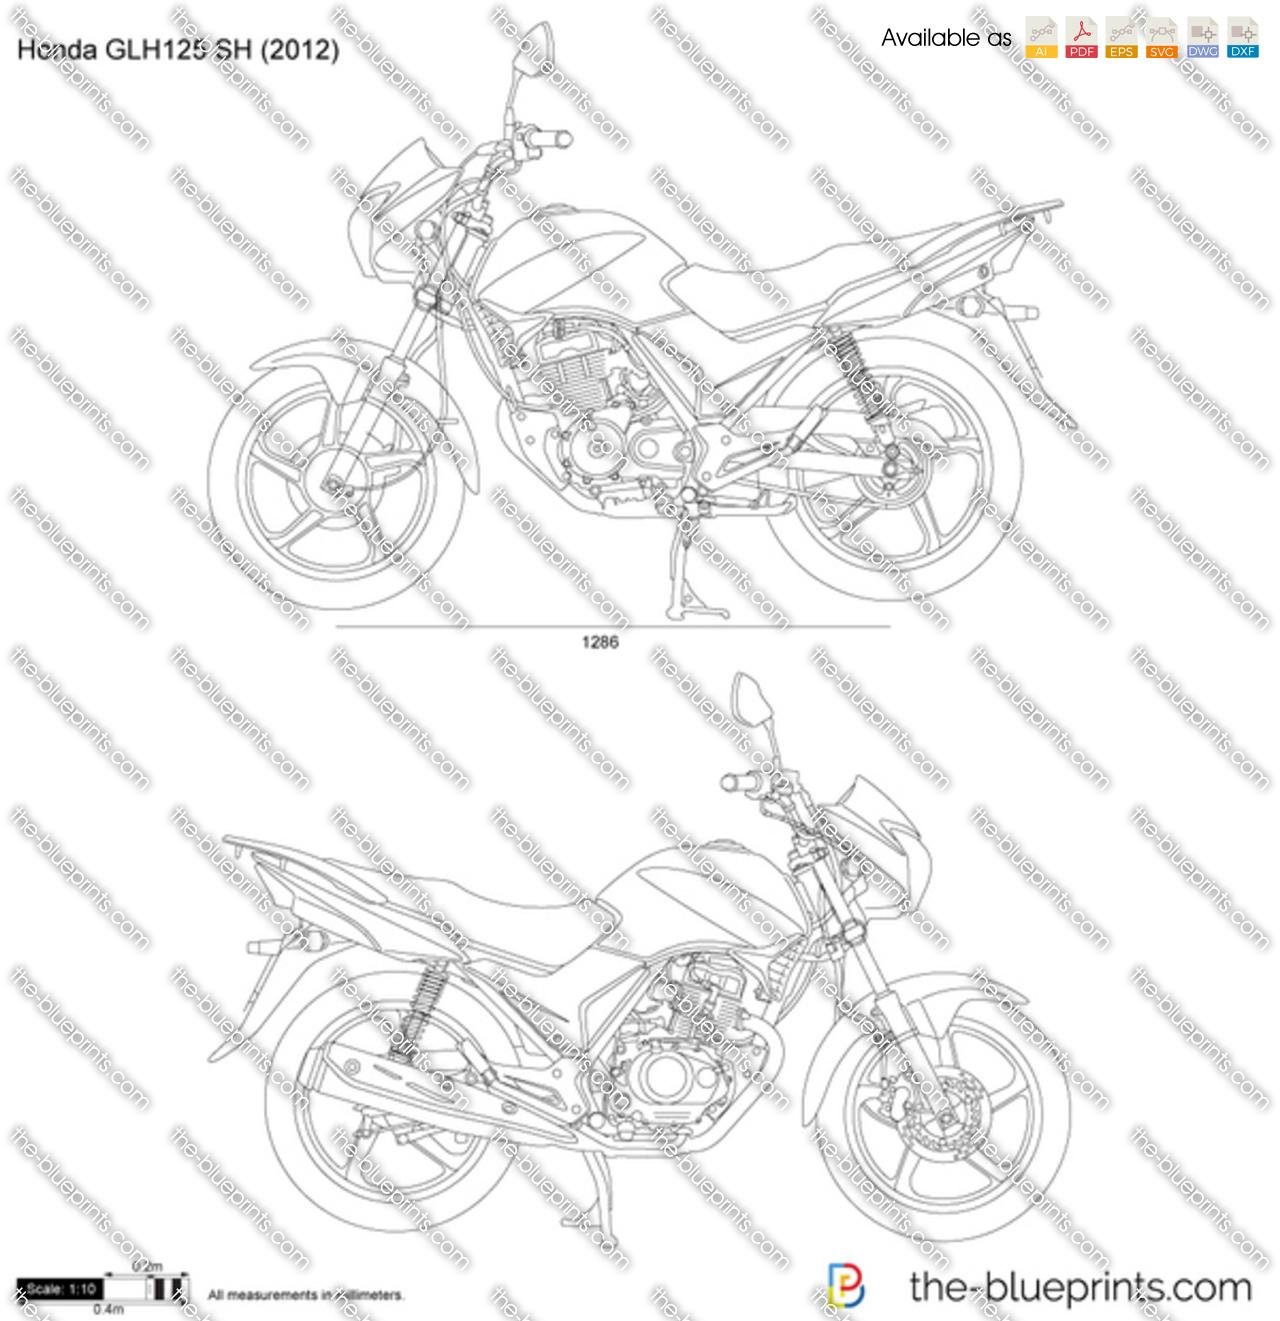 Honda GLH125 SH